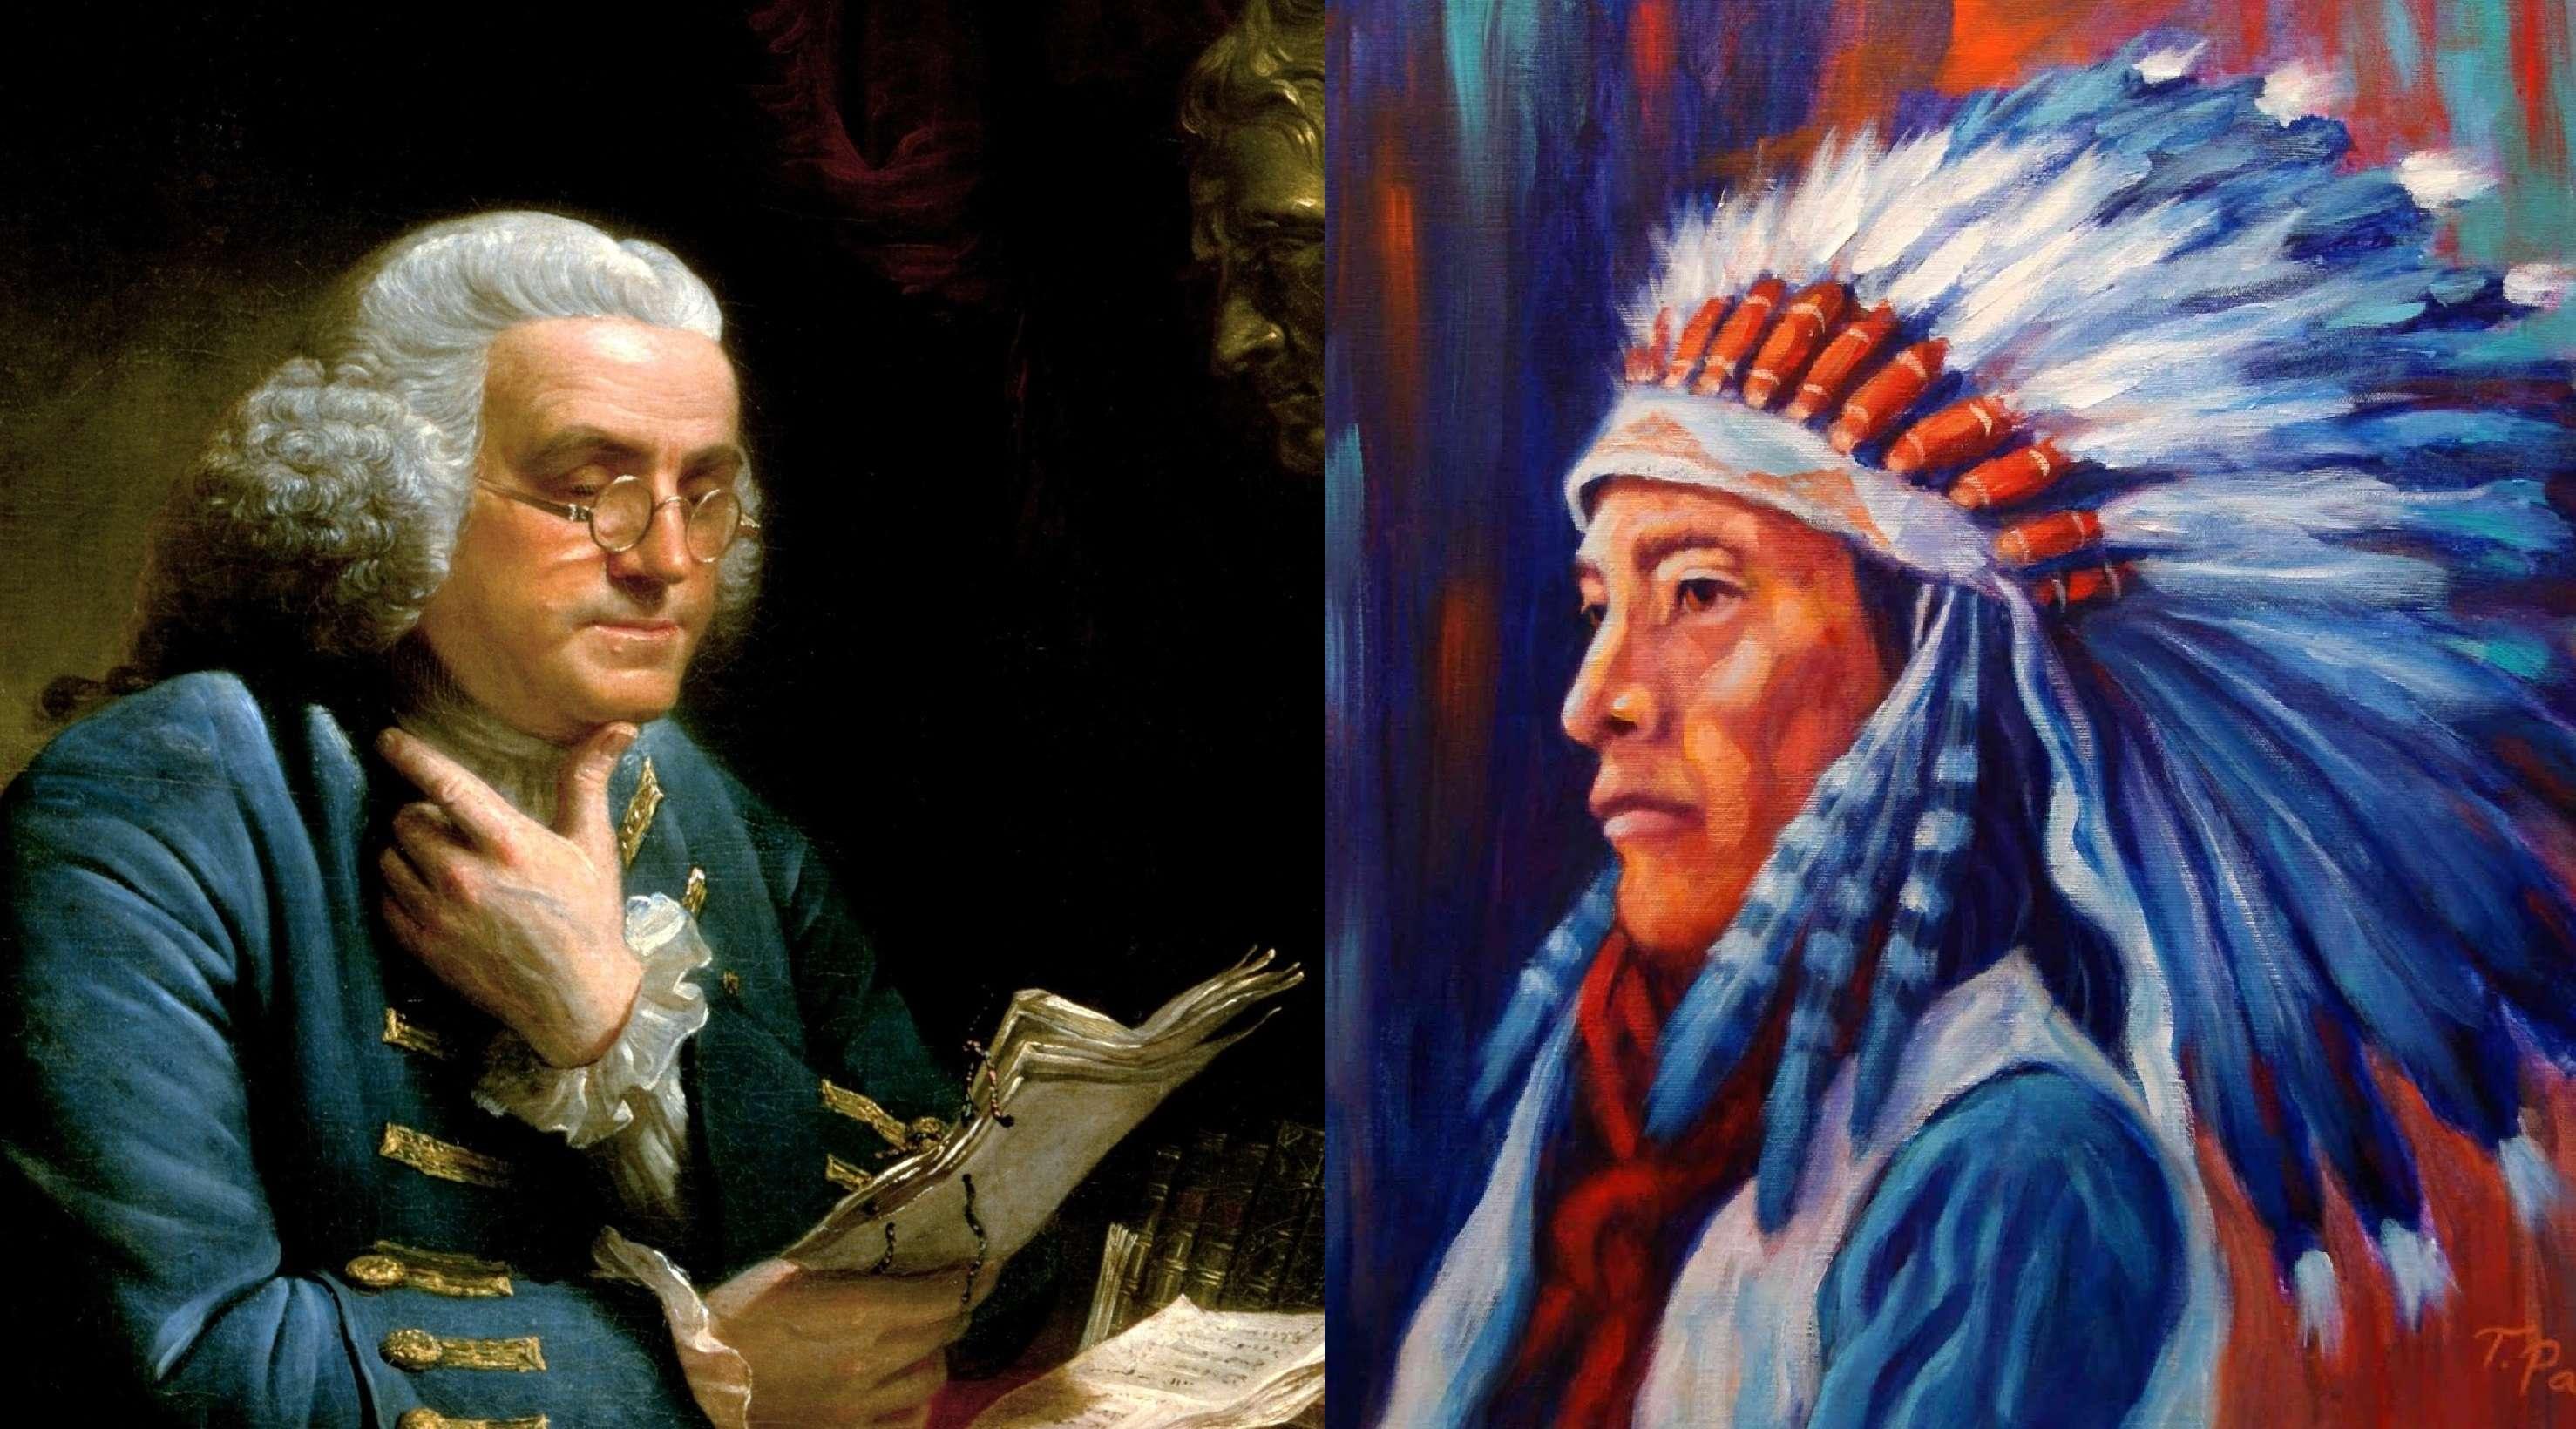 Ο Βενιαμίν Φρανκλίνος για τους Ινδιάνους